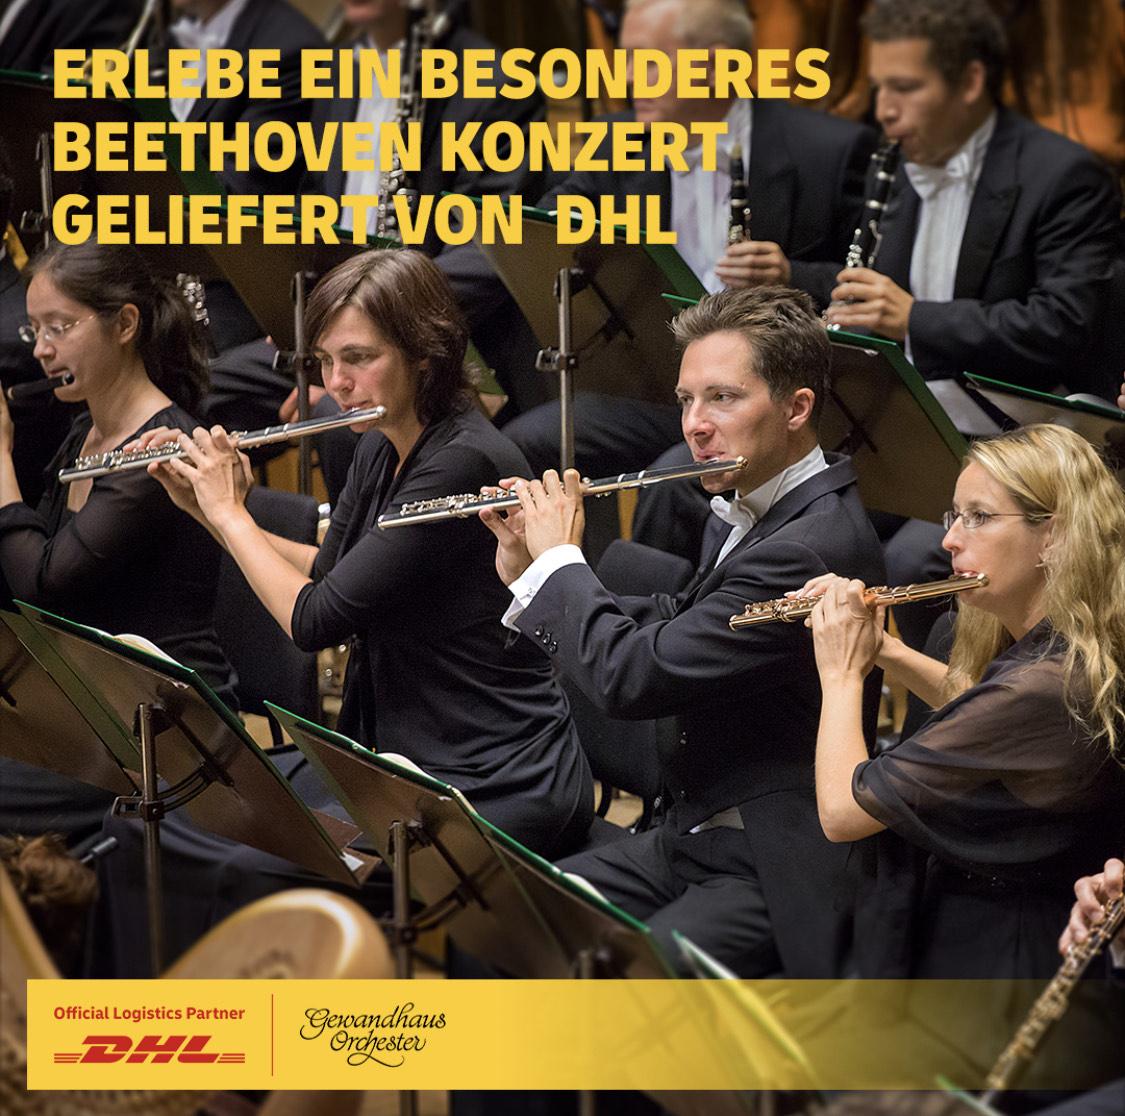 DHL: bis 12.07. Gewandhausorchester - Ludwig van Beethovens 9. Sinfonie im Stream